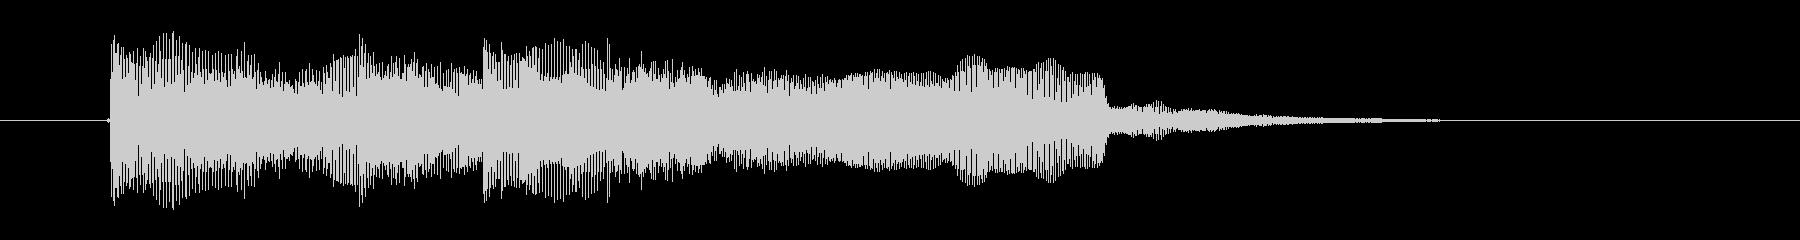 暗く重いギター音(ボス、登場)の未再生の波形